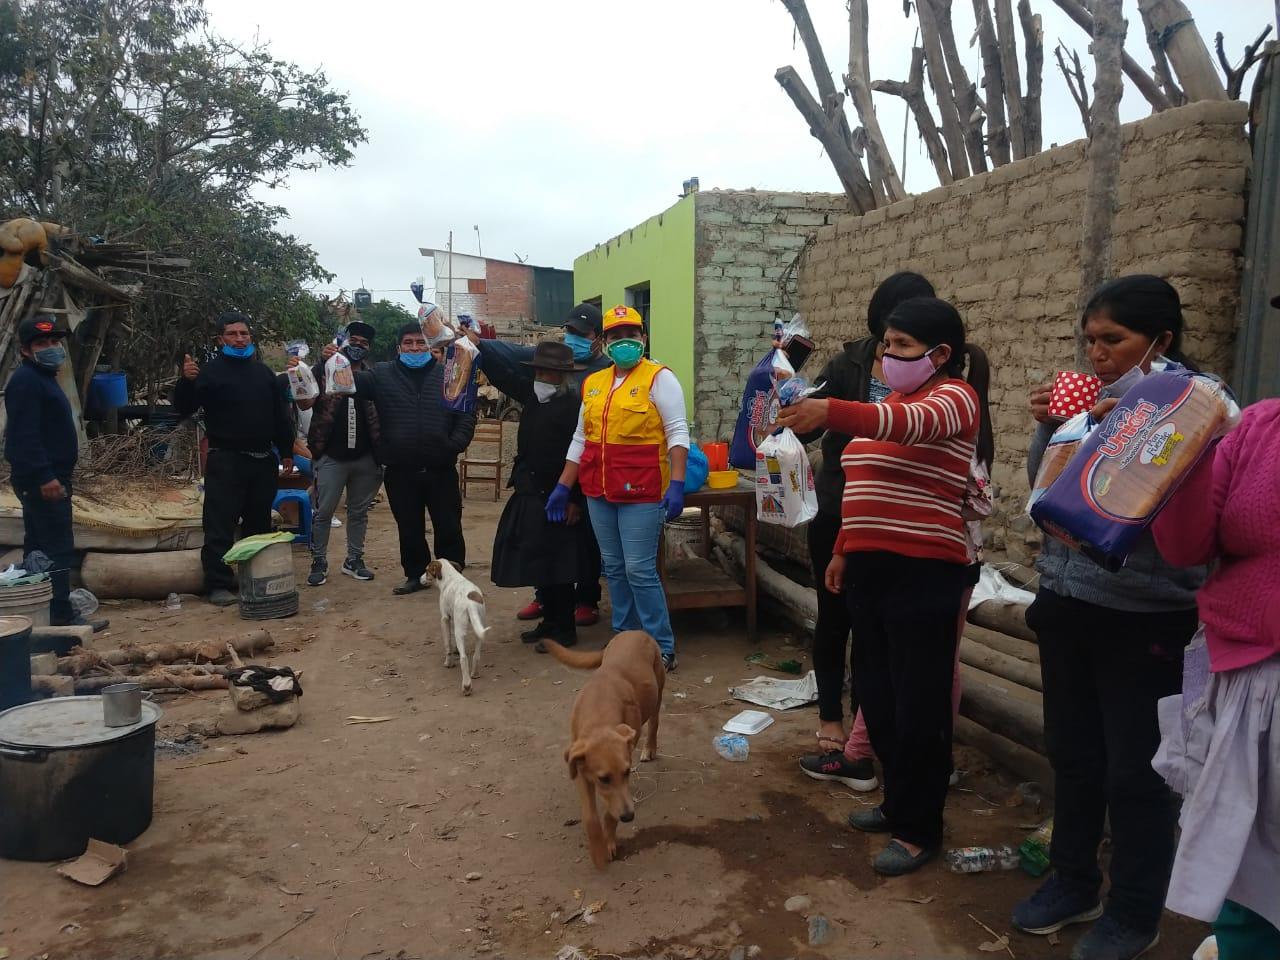 Juntas vecinales de Cañete asumen responsabilidades ante inacción de alcaldes municipales